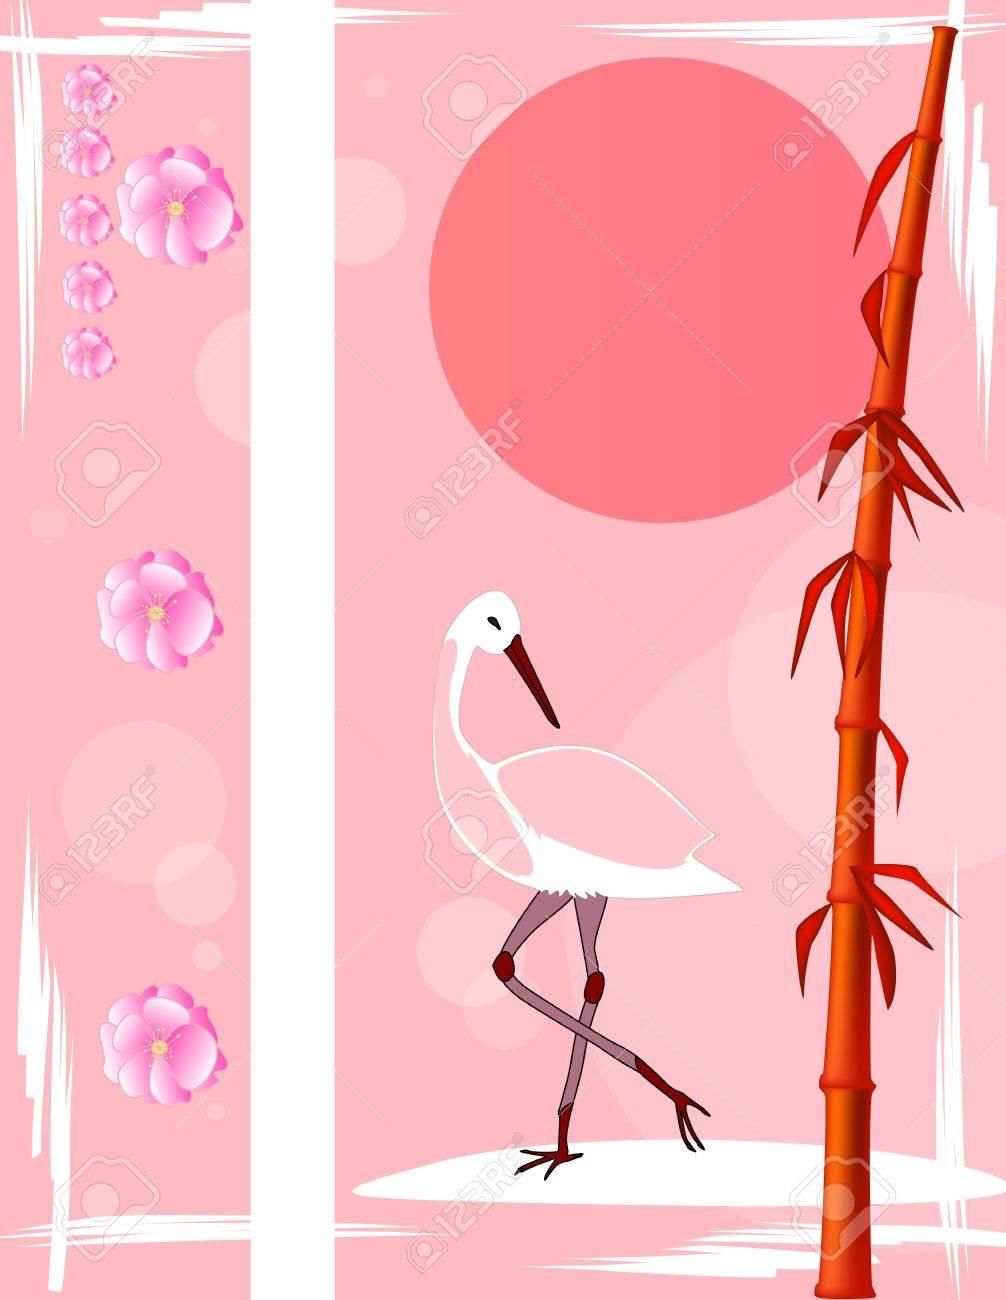 和風ファンタジーのイラスト素材ベクタ Image 17170056